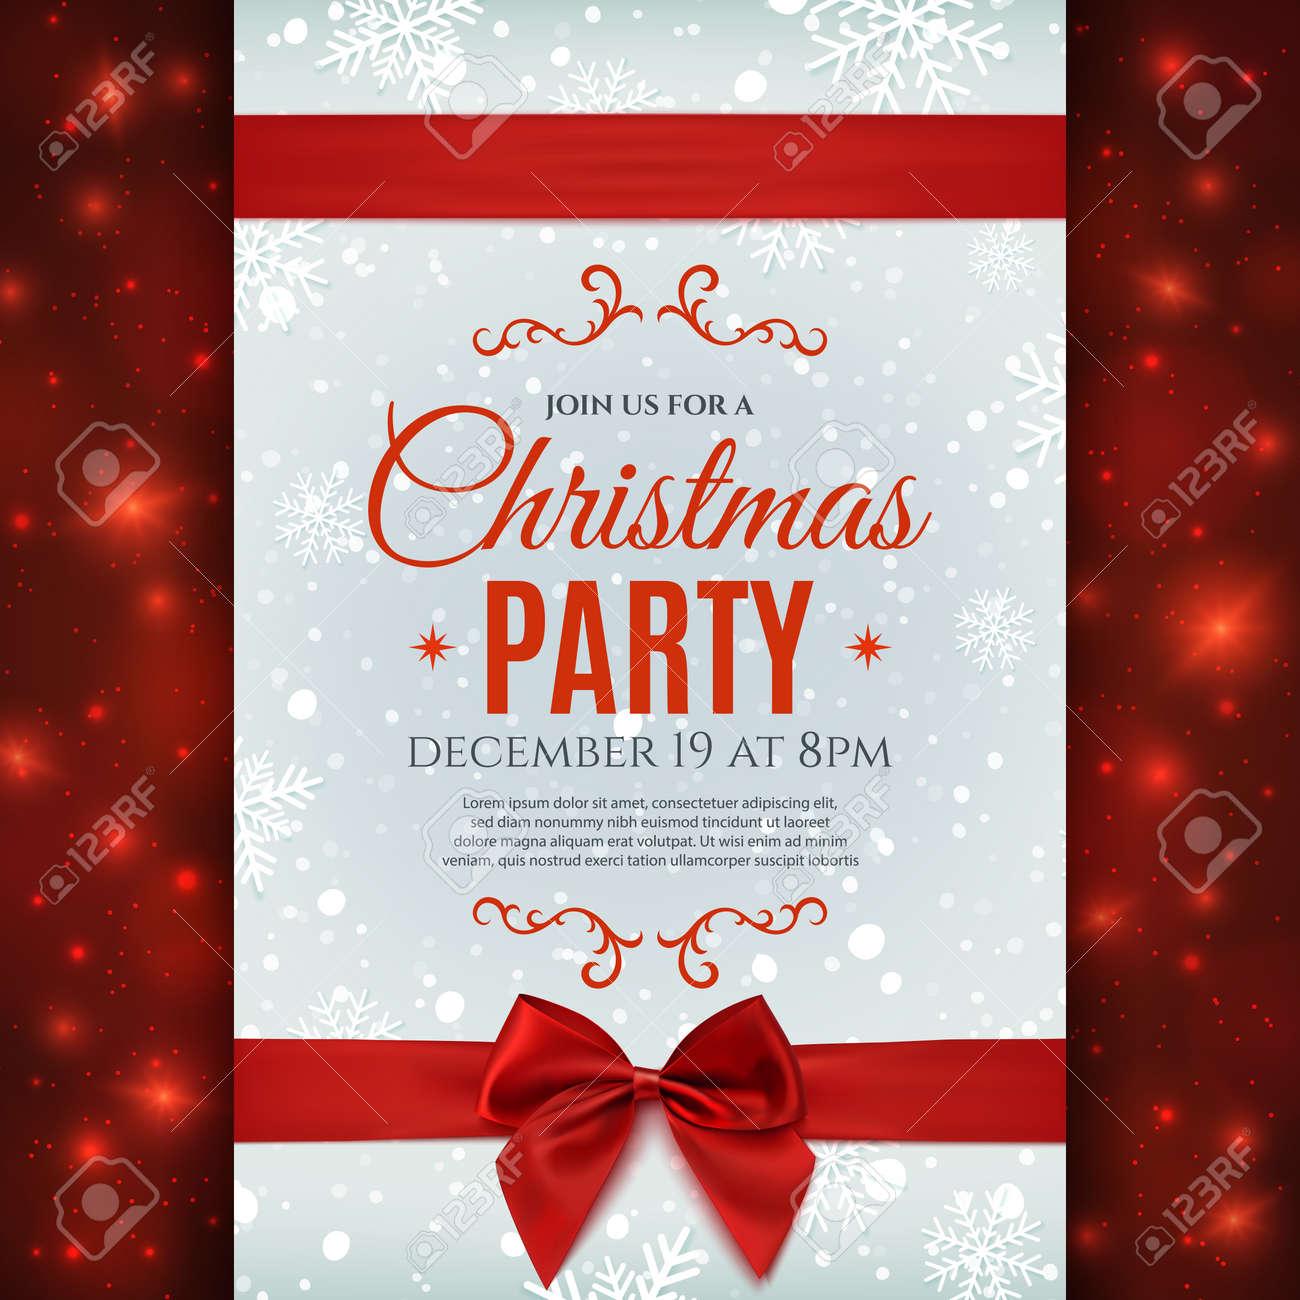 la plantilla del cartel fiesta de navidad con nieve y copos de nieve fondo de